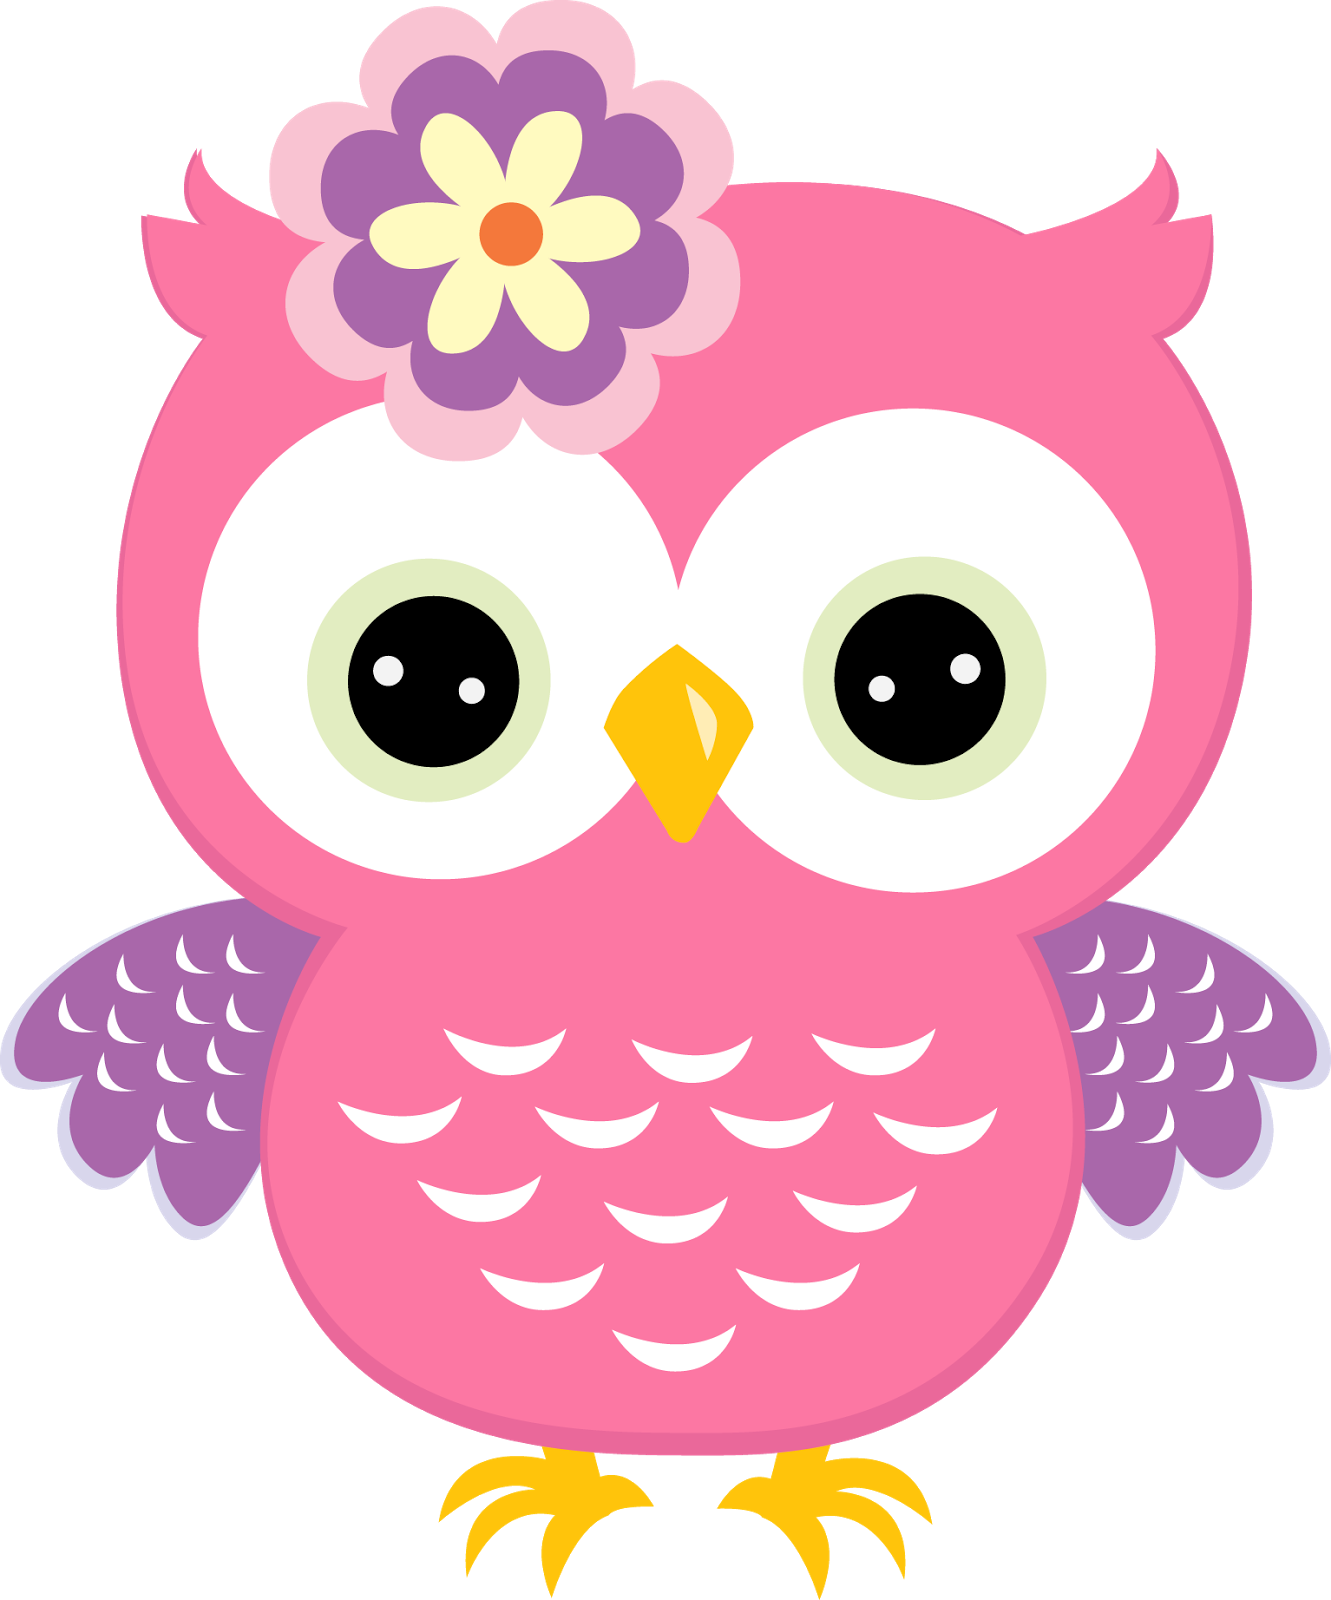 Clipart De Búhos De Colores Buhos Pinterest Owl Baby Owls Y